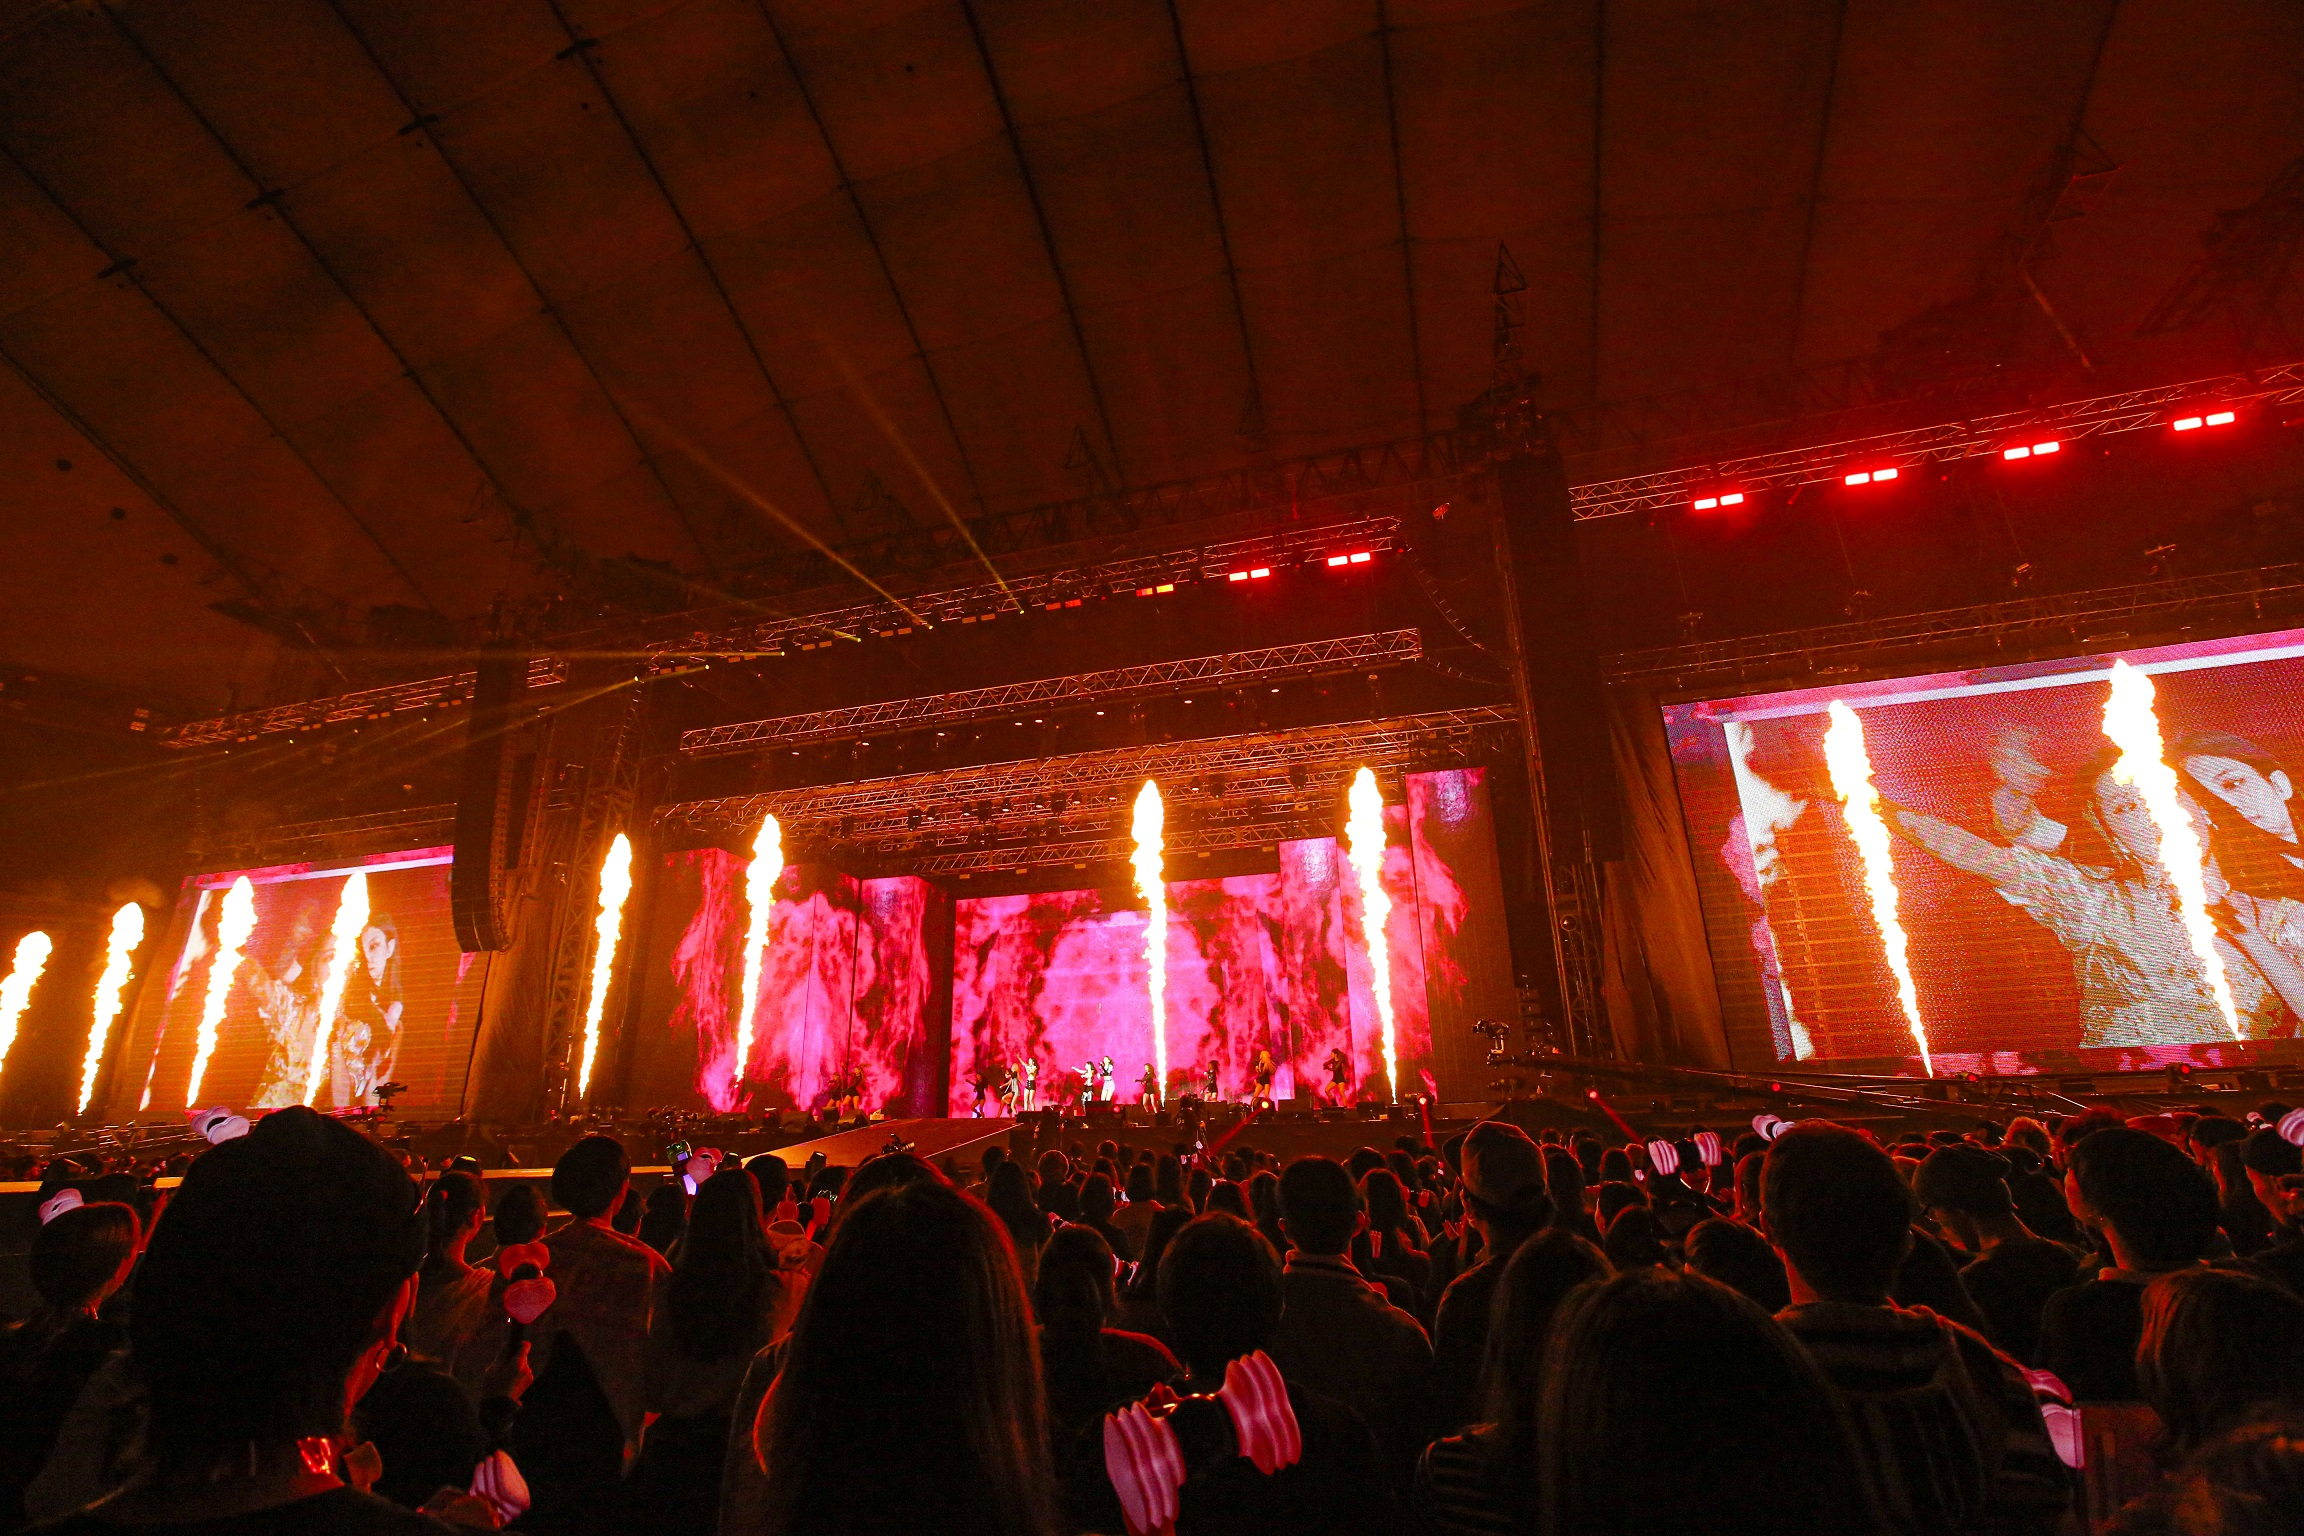 【BLACKPINKライブレポート】BLACKPINK旋風が東京ドームに到来! 世界レベルのパフォーマンスに力をもらう_4